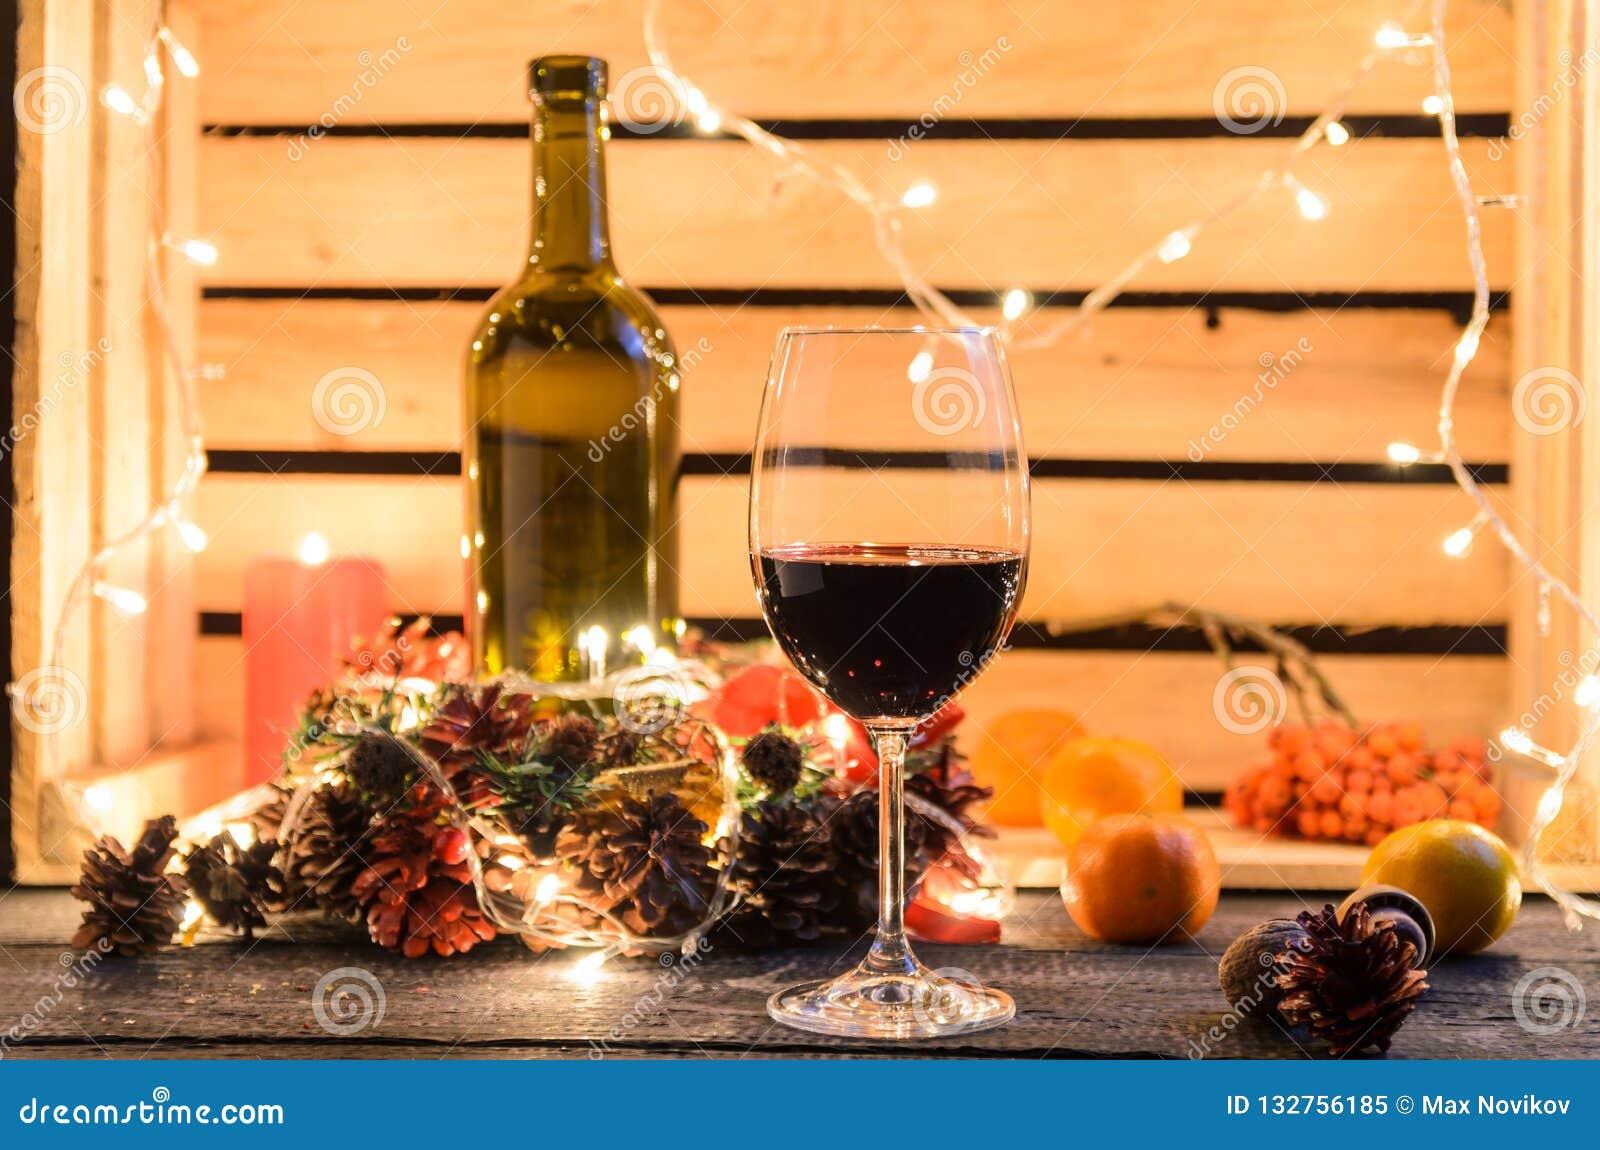 Σύνθεση Χριστουγέννων με ένα ποτήρι του κόκκινου κρασιού